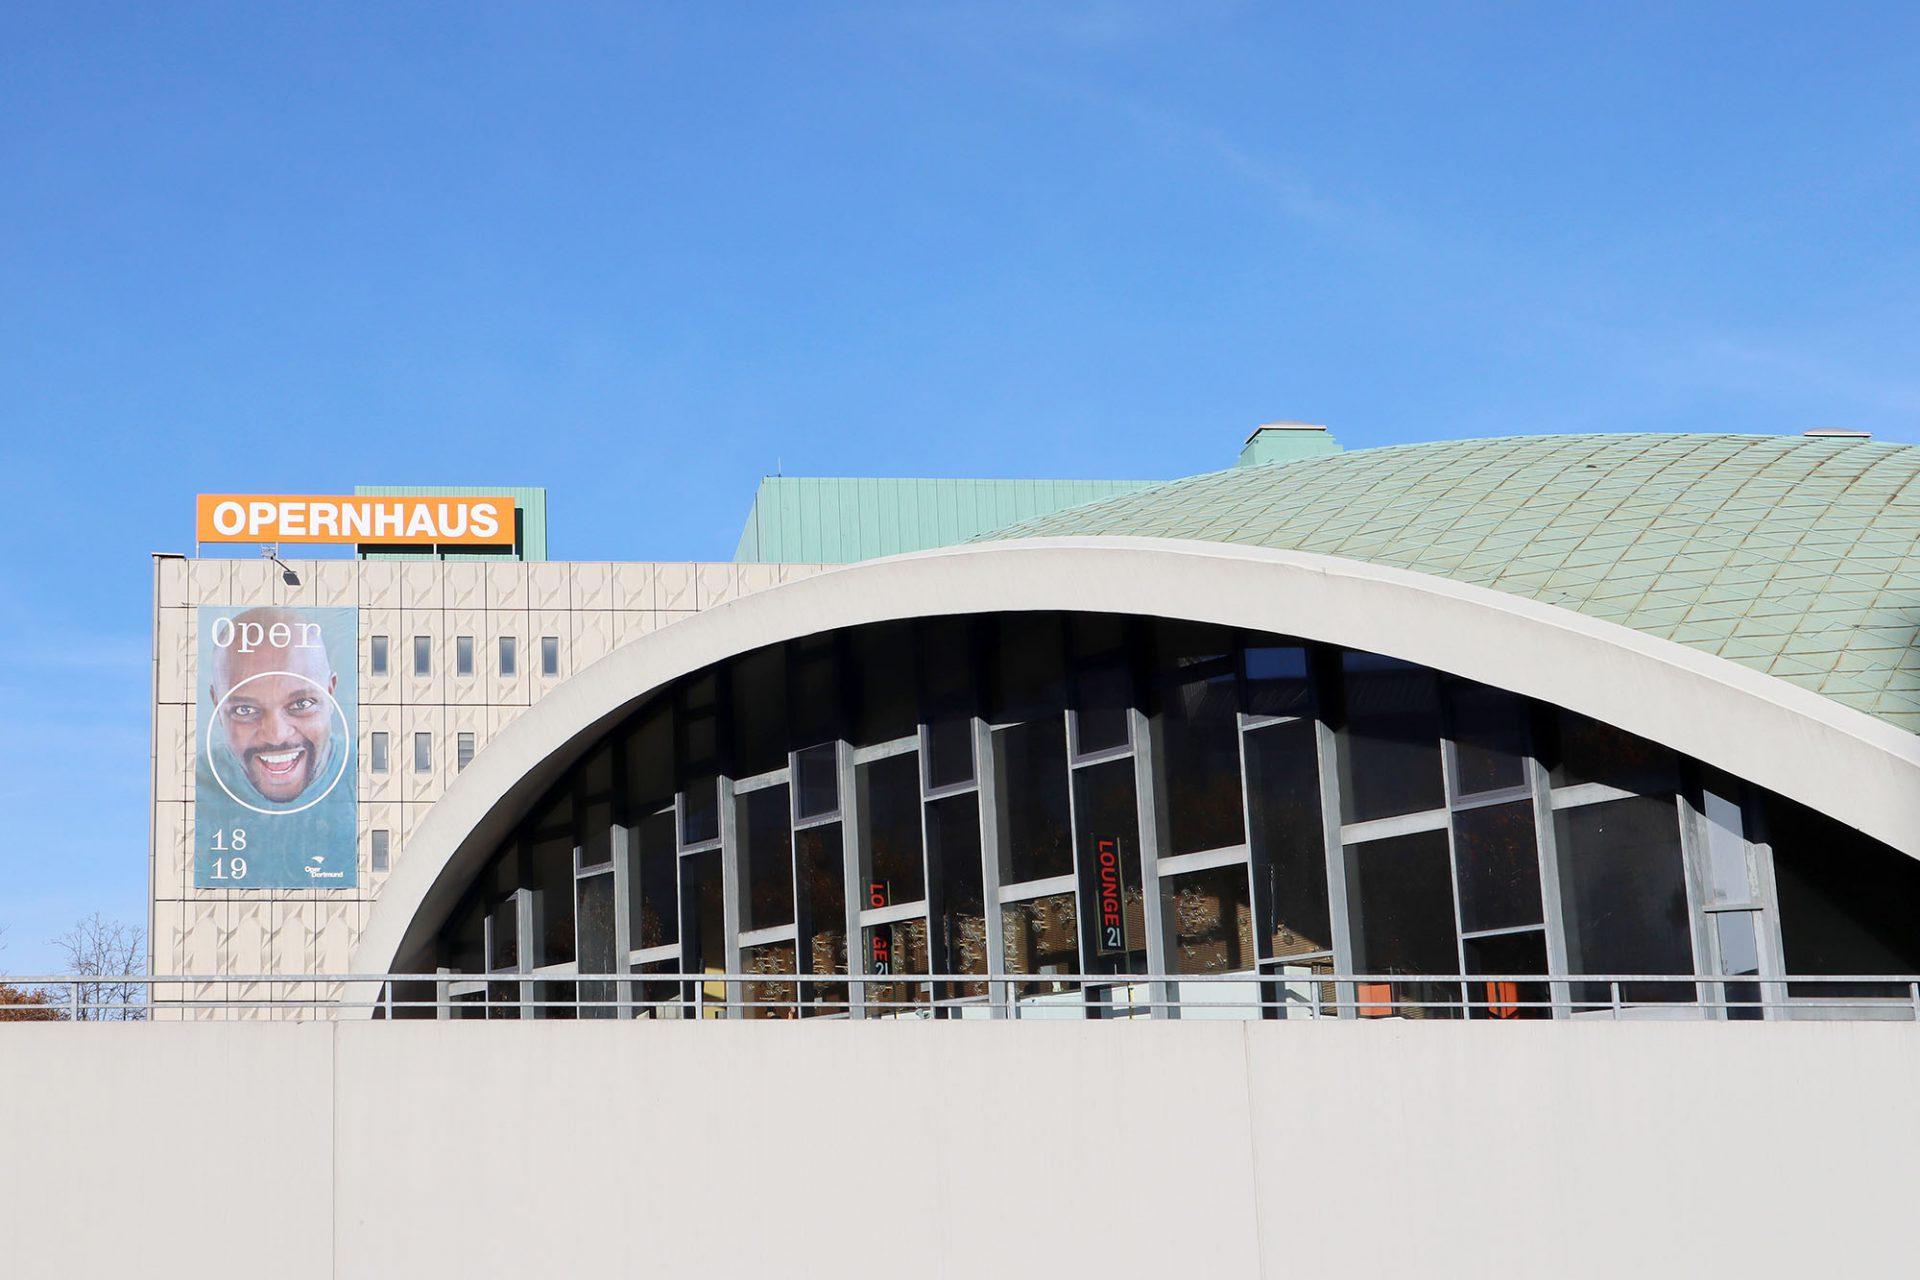 Die Nrw Moderne Bielefeld Deutschland The Link Stadt Land Architektur